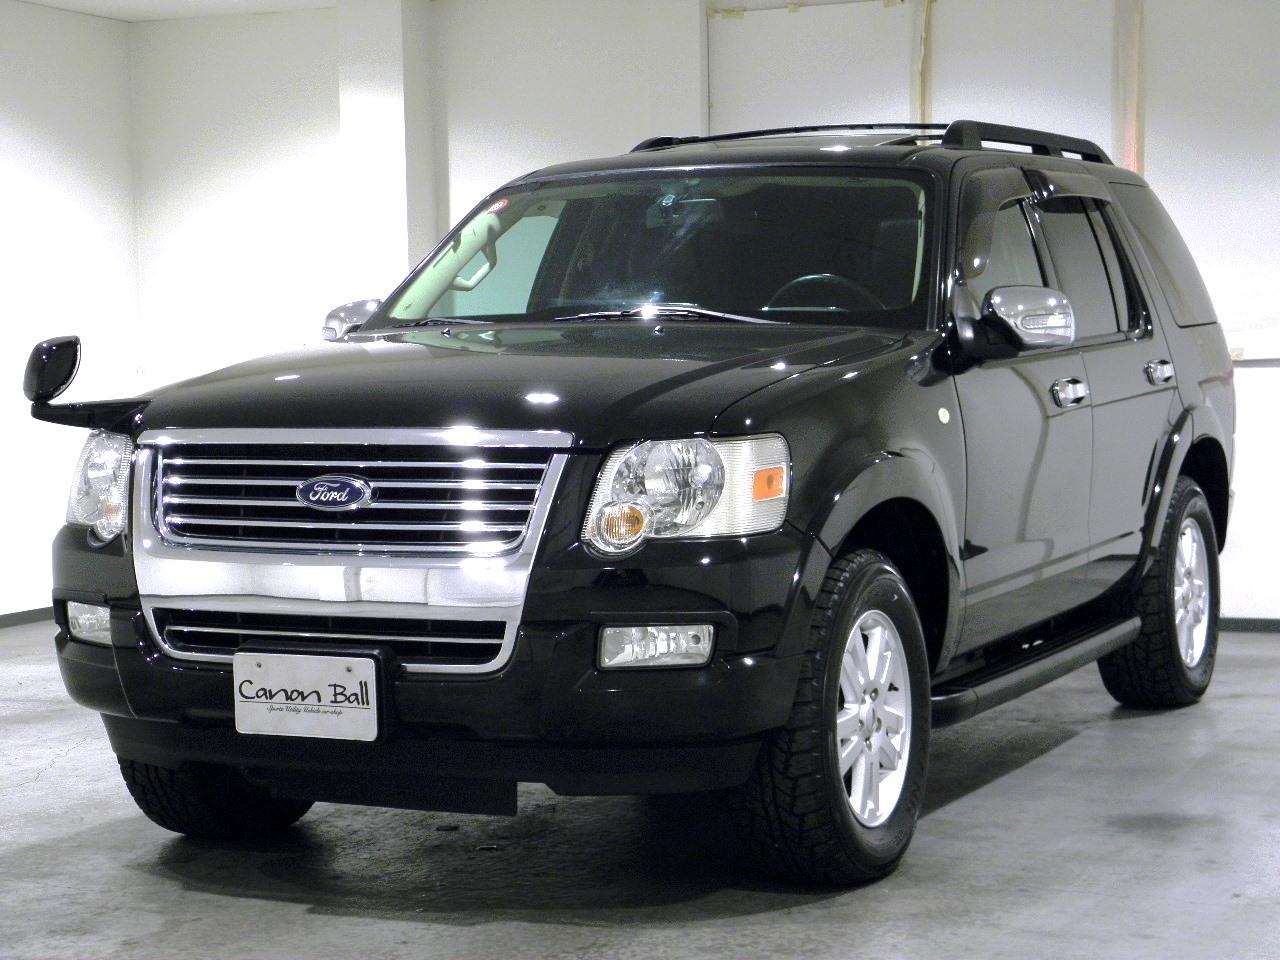 XLT スーパーエクスクルーシブ 限定車 黒本革内装 SR SDナビ一体機 2010yモデル